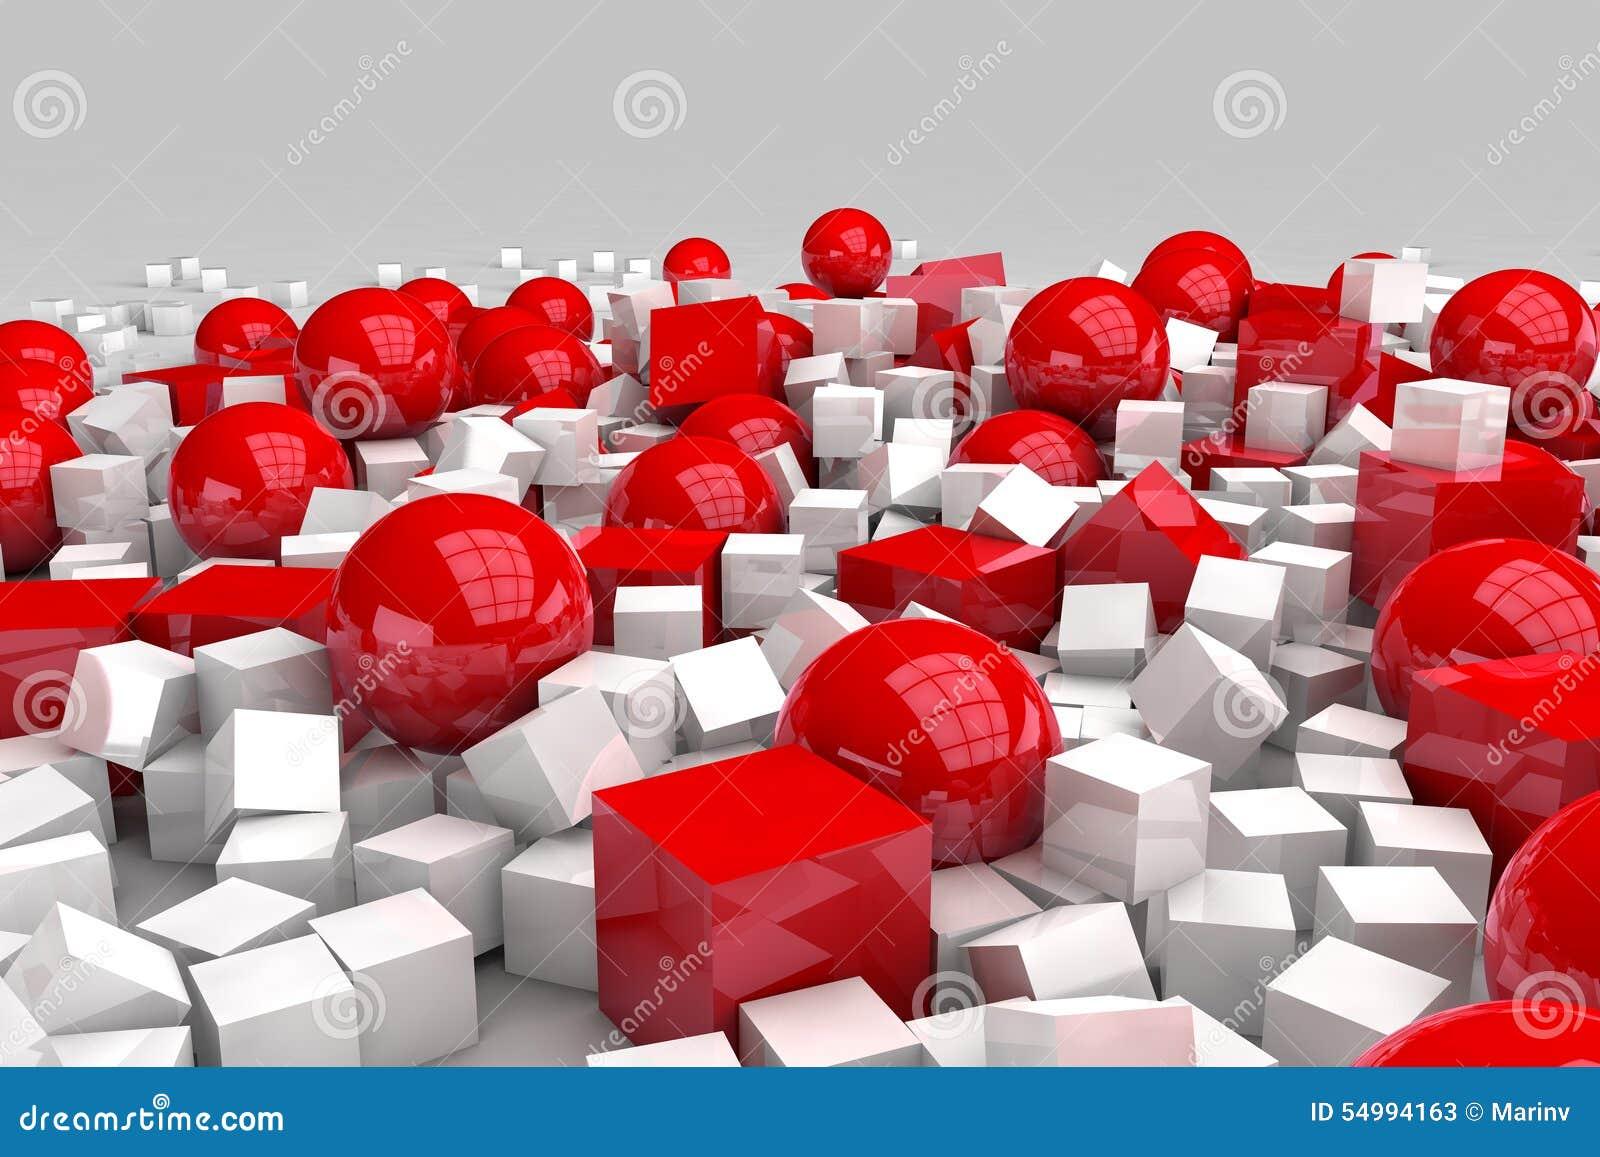 Άσπροι και κόκκινοι σφαίρες και κύβοι